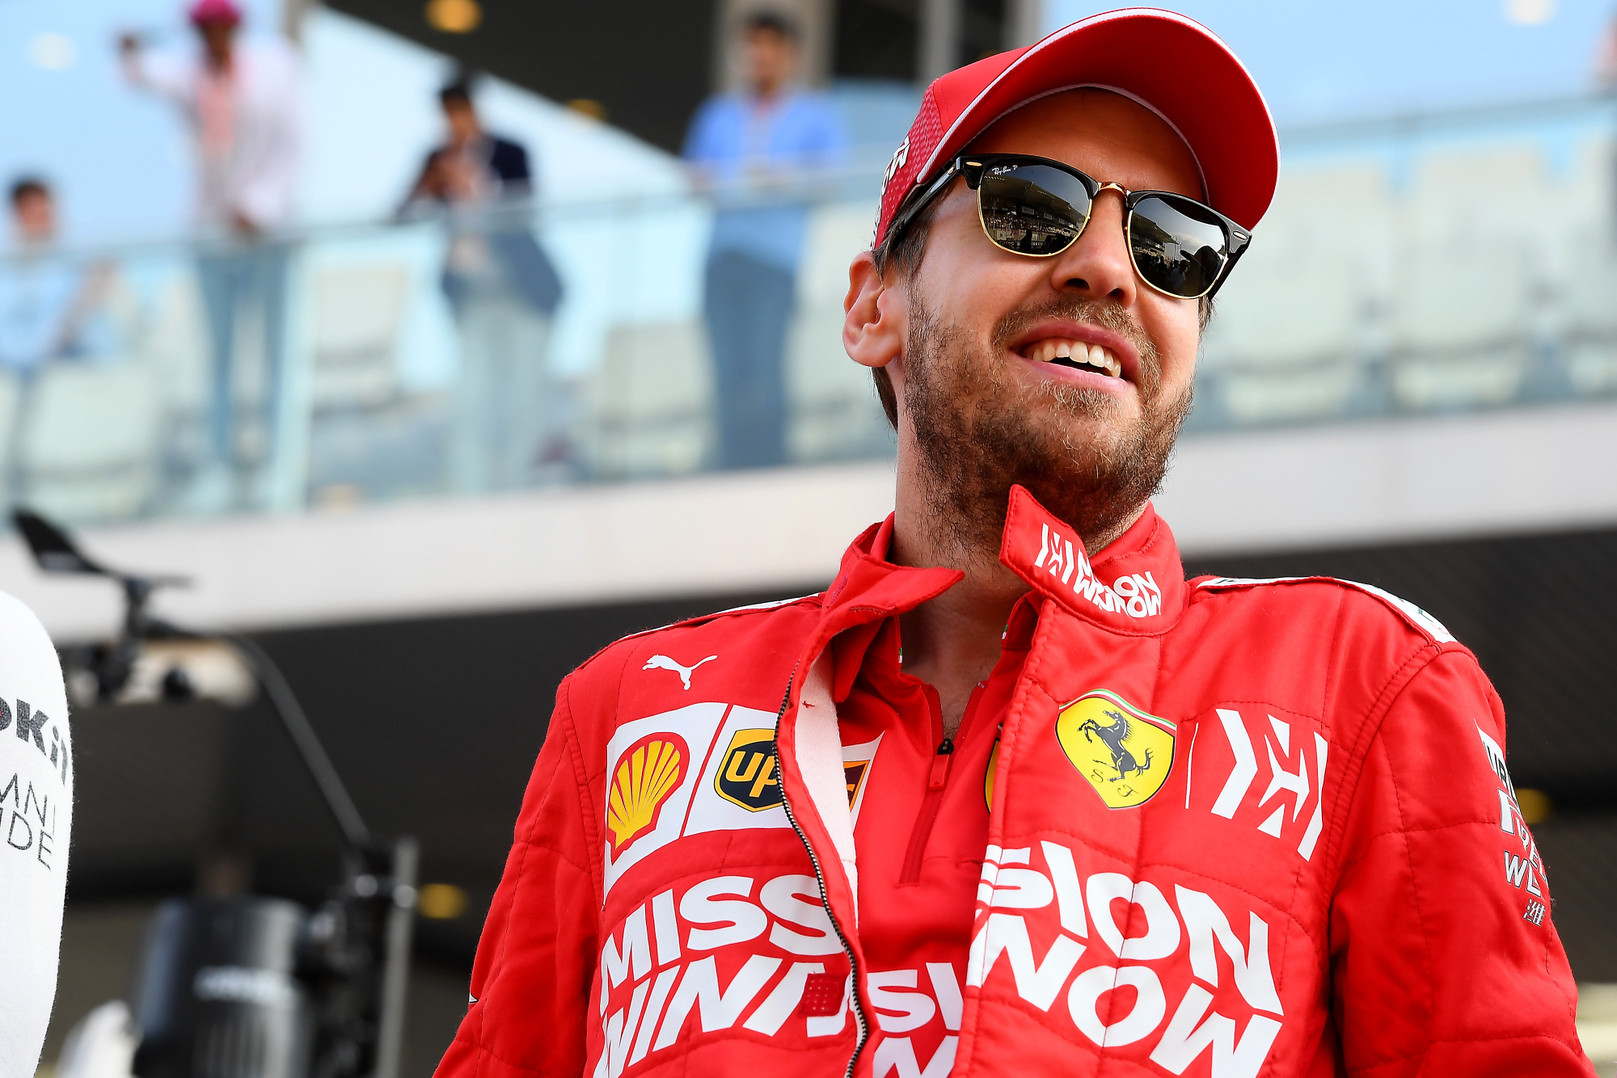 L. Turini: kas laukia S. Vettelio?